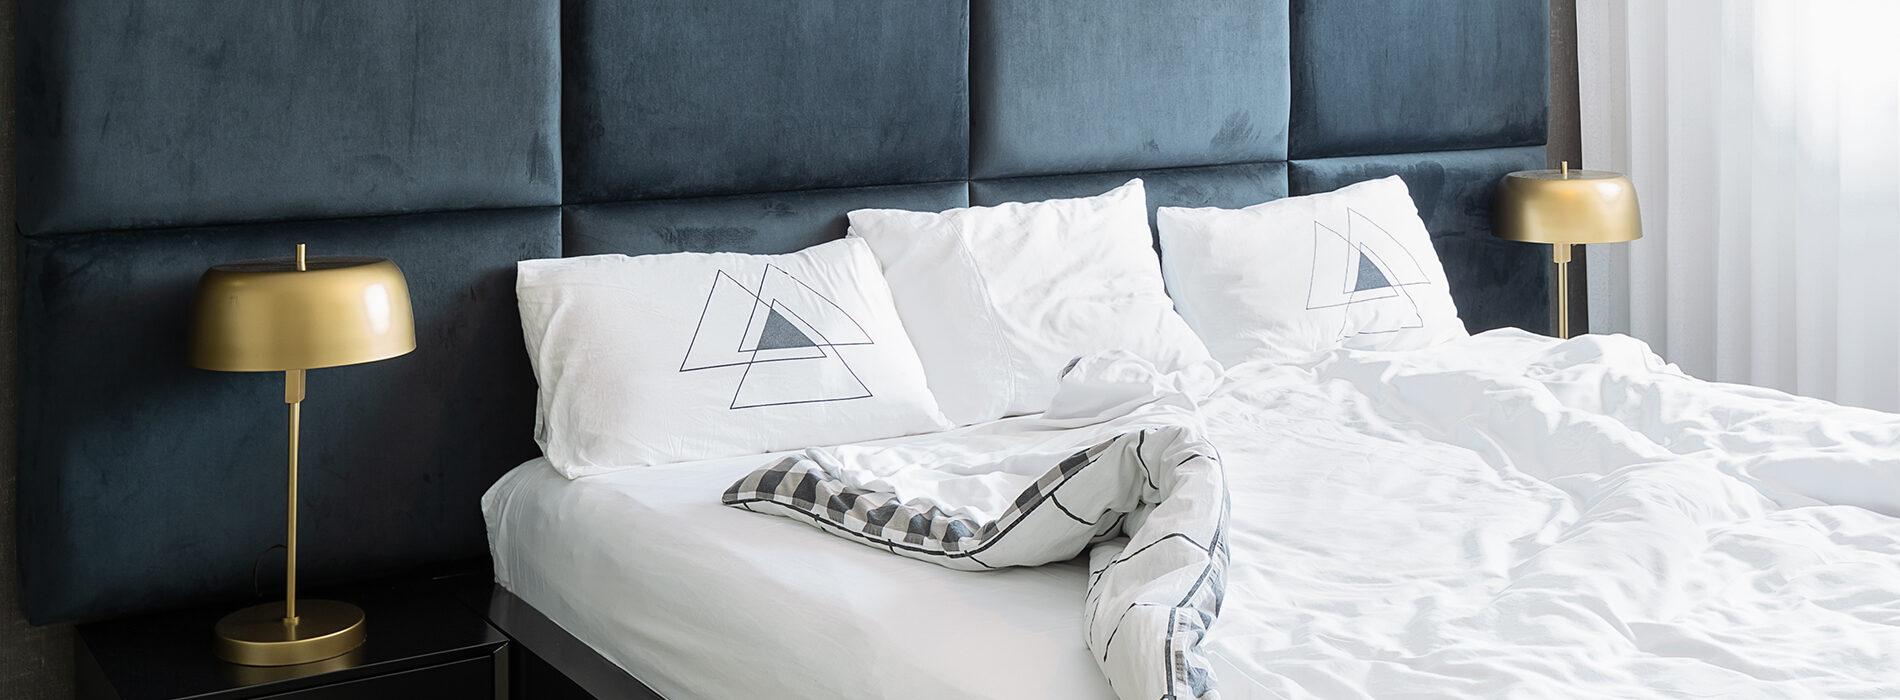 עיצוב חדש שינה